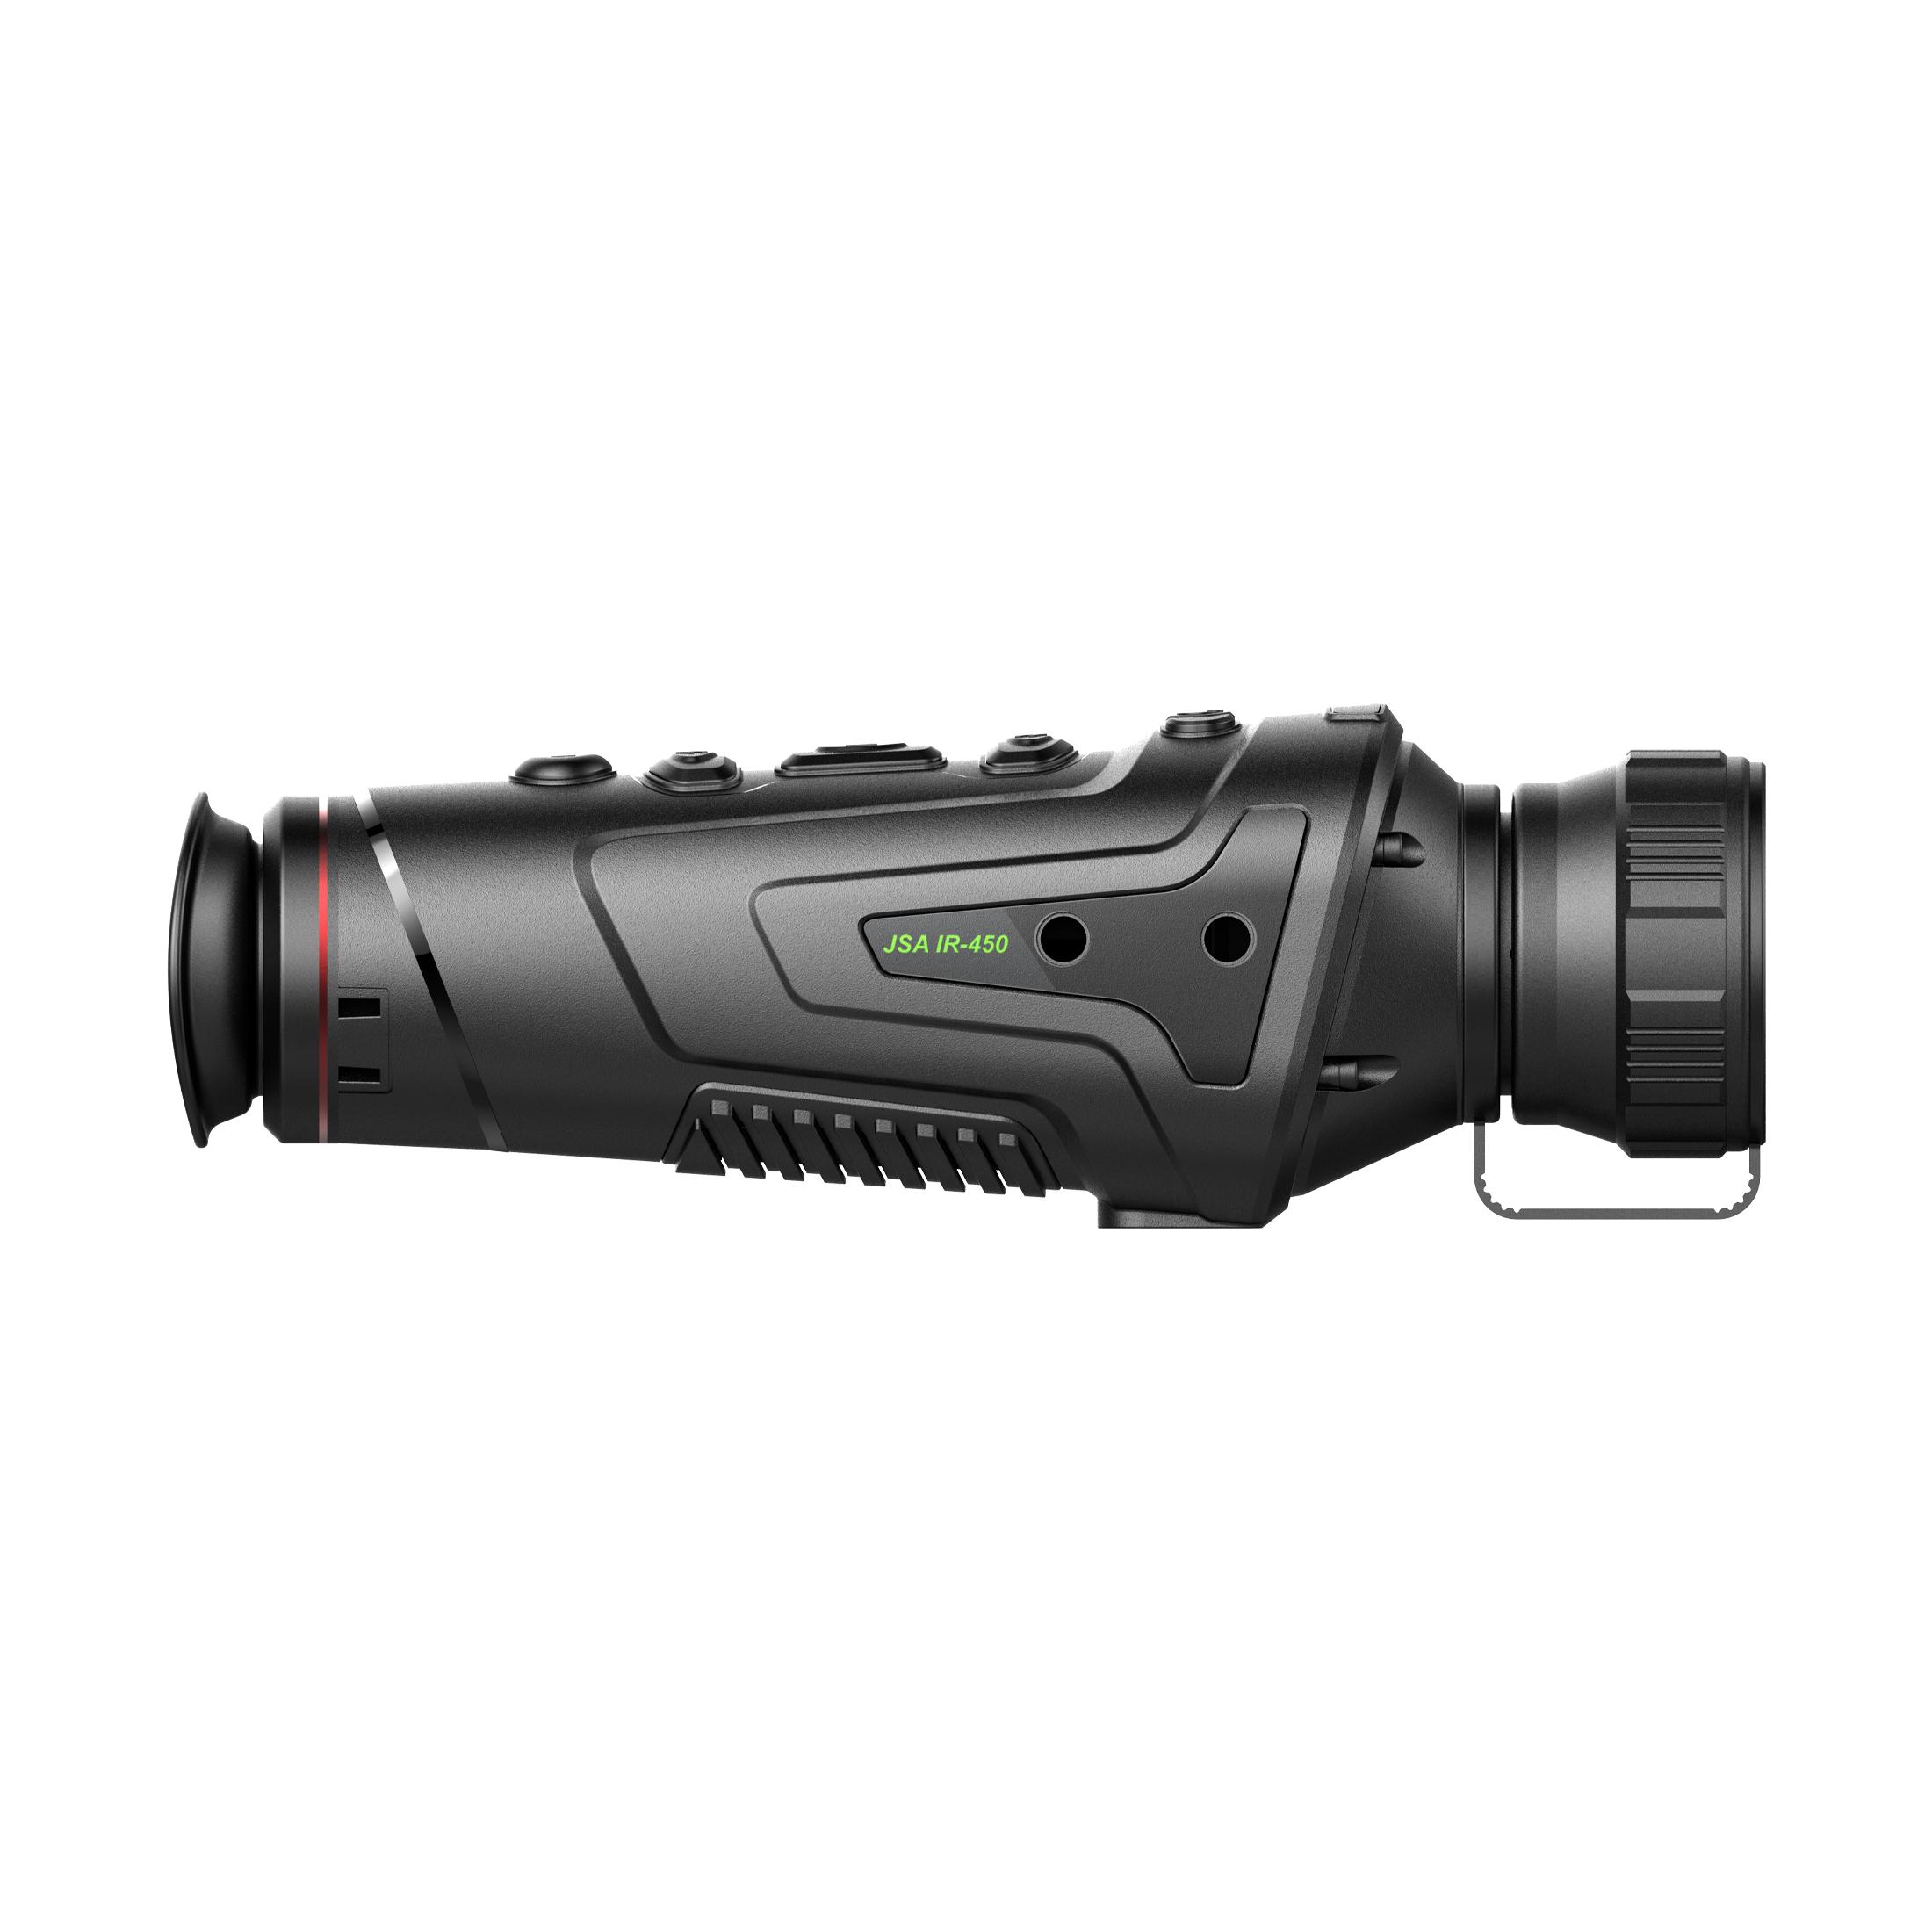 Holosun JSA-IR-450-VOx